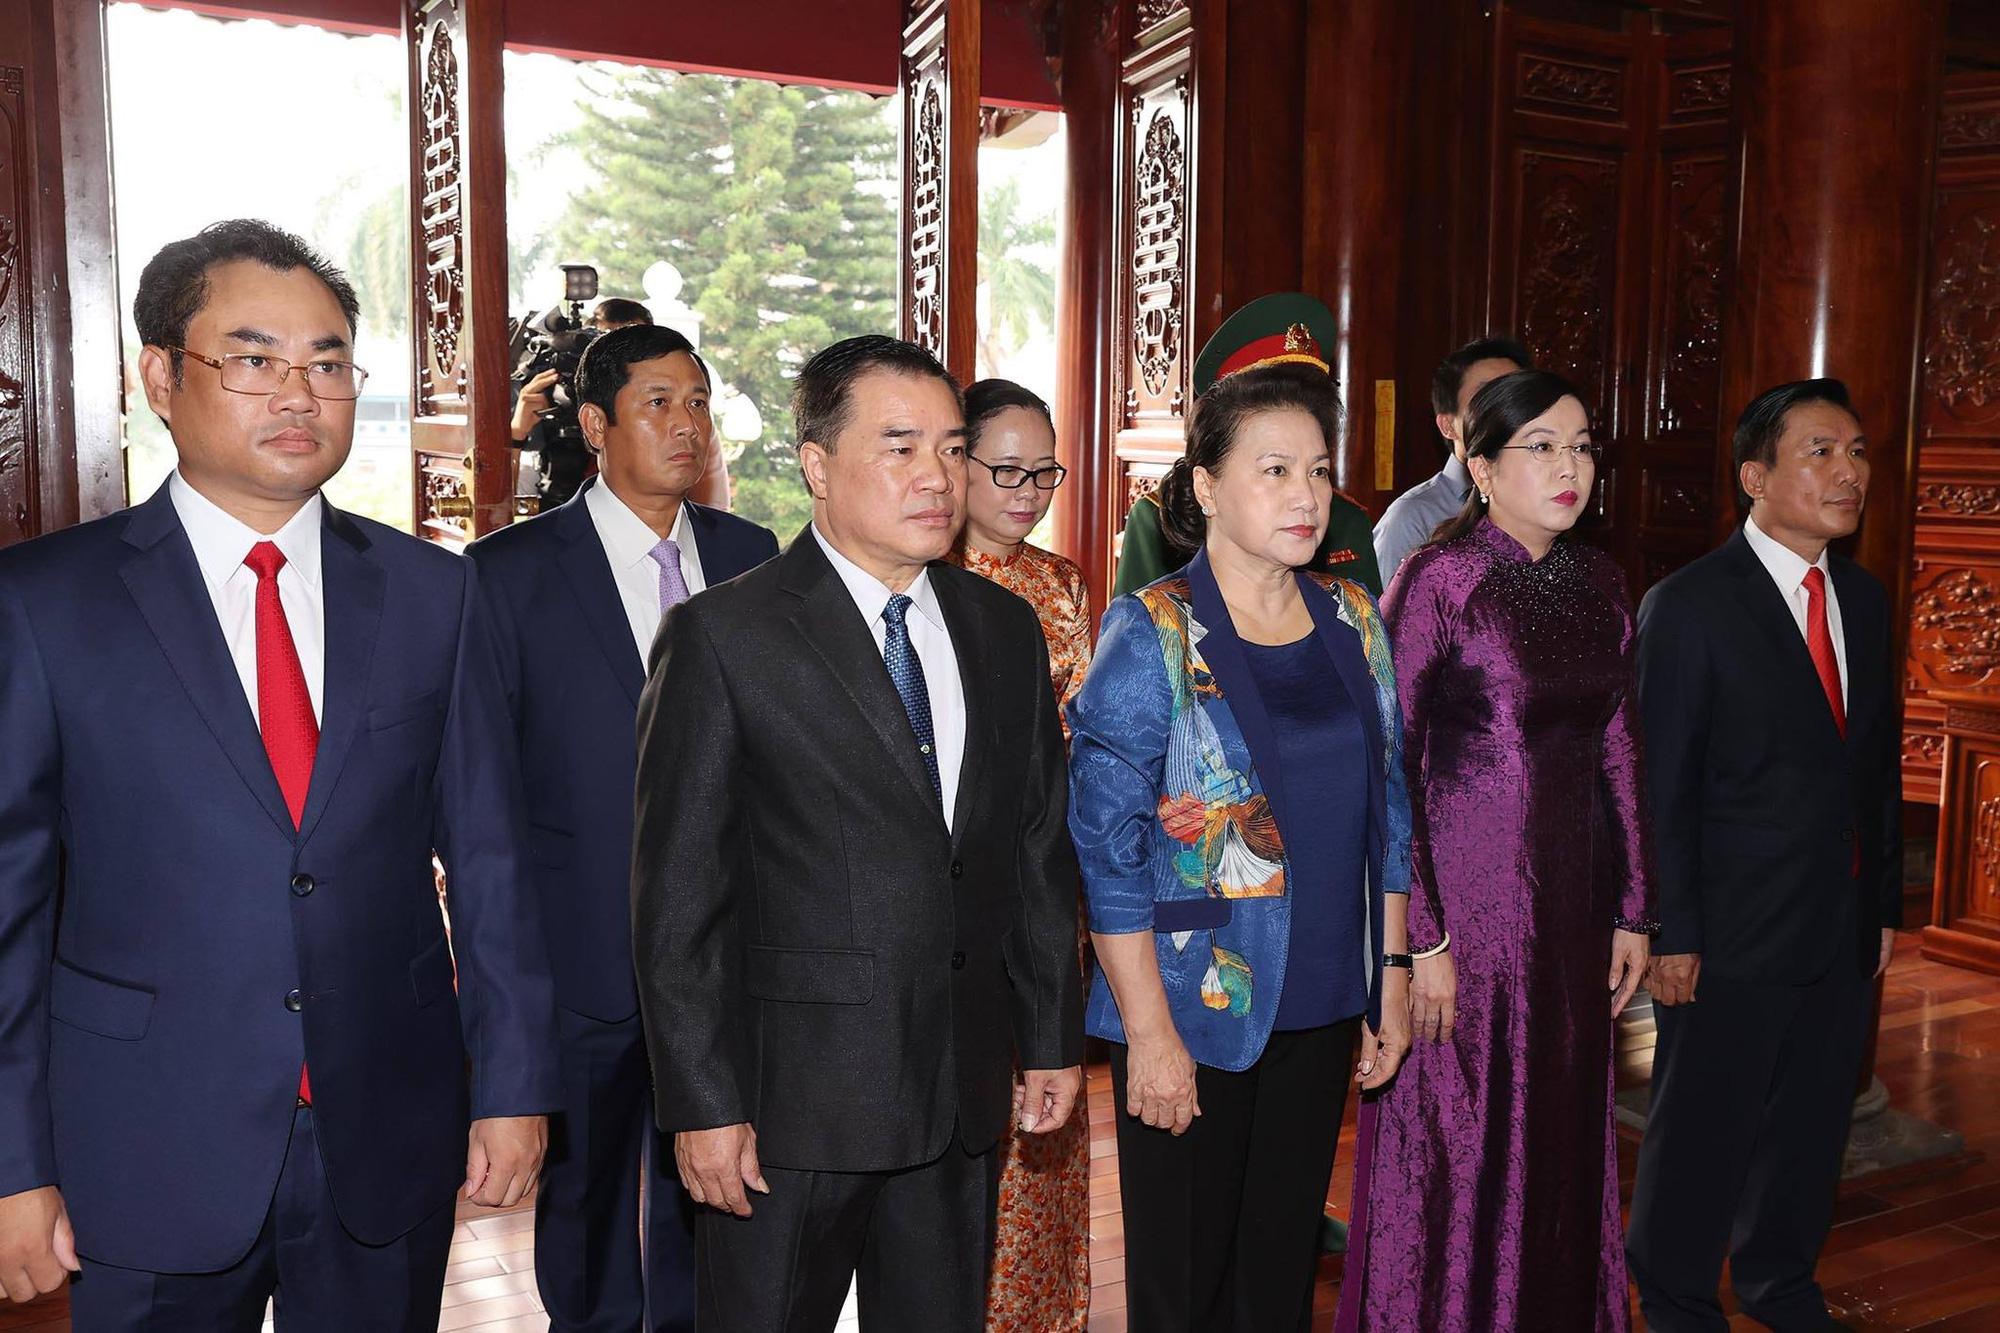 Chủ tịch Quốc hội: Thái Nguyên cần tiếp tục phát động phong trào thi đua rộng khắp - Ảnh 3.